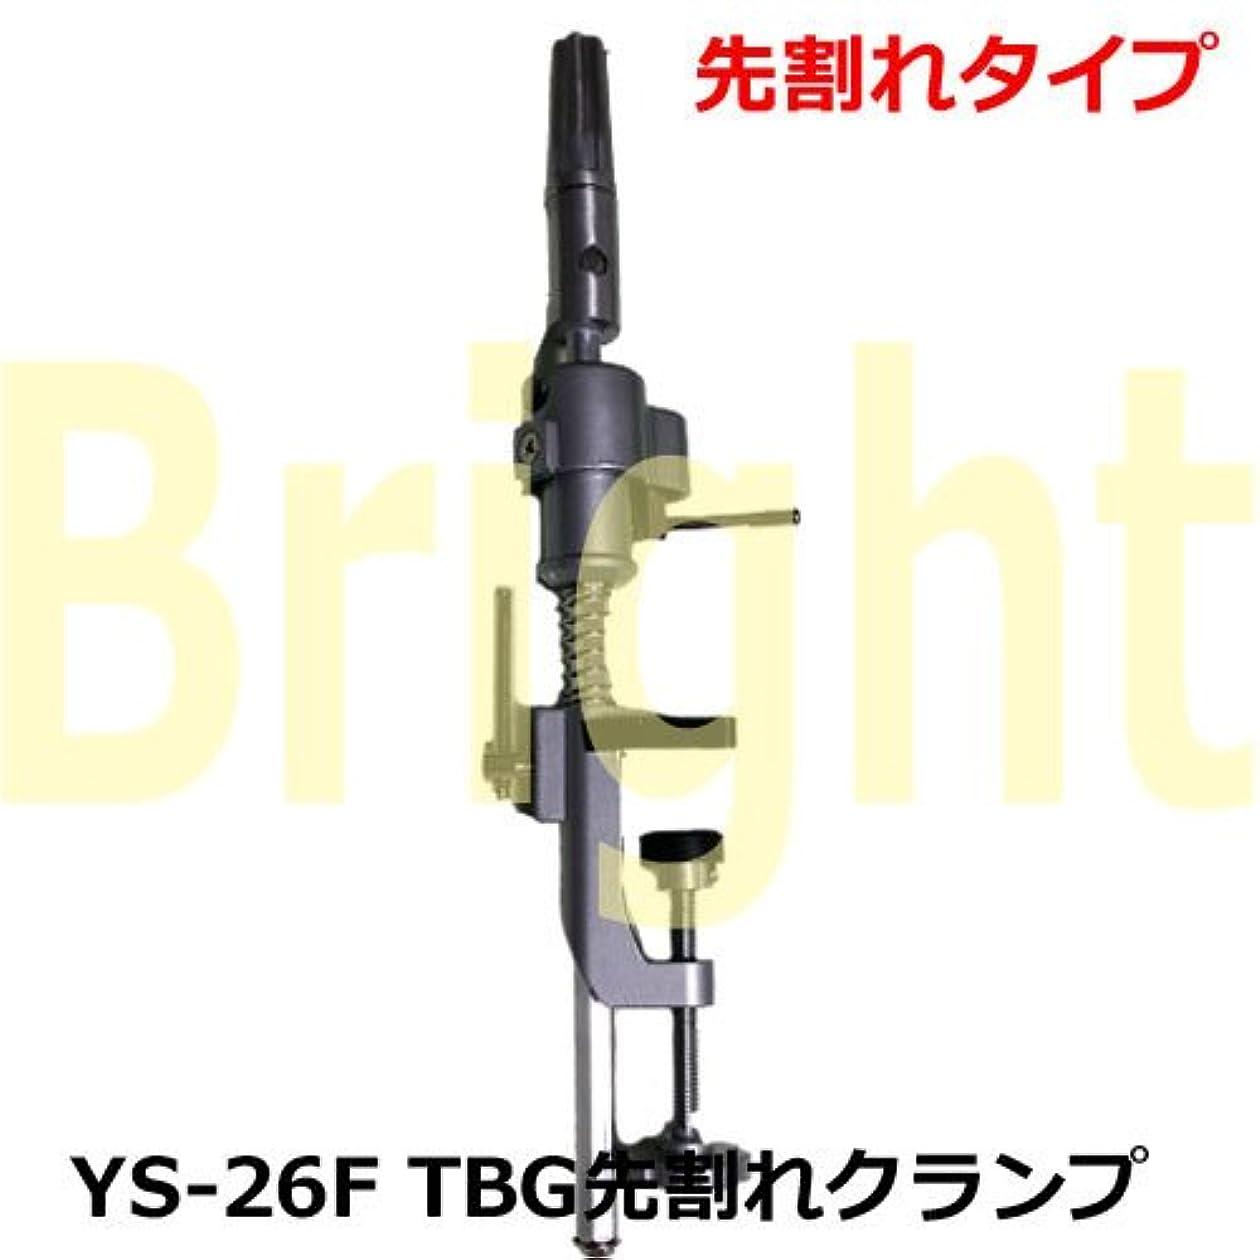 有毒な行商根絶するTBG YS-26F マネキンクランプ 先割れタイプ マネキン?ウィッグ固定